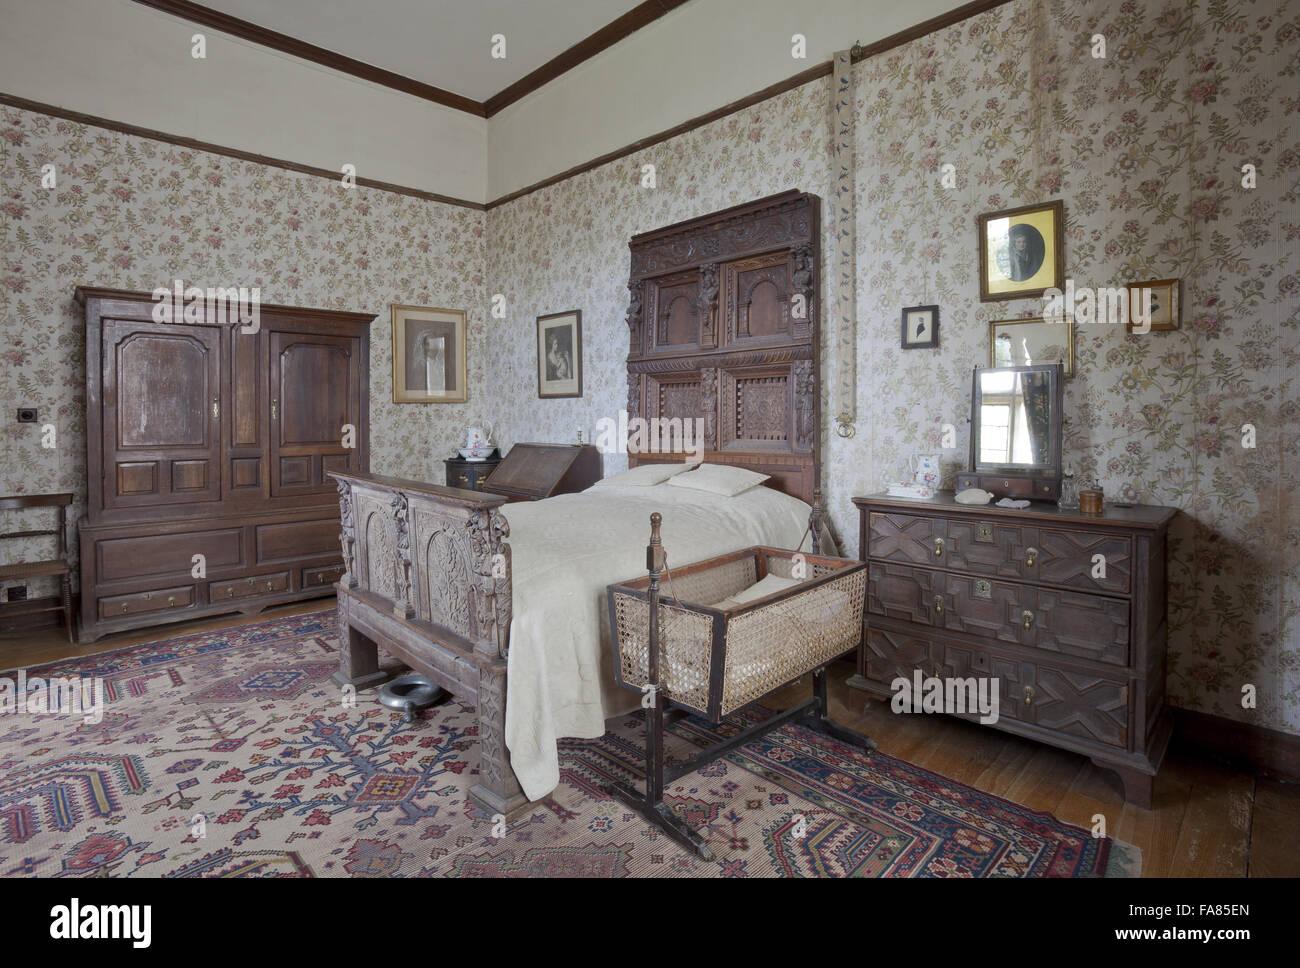 Der Cavalier Zimmer im Chastleton Haus, Oxfordshire. Die ...